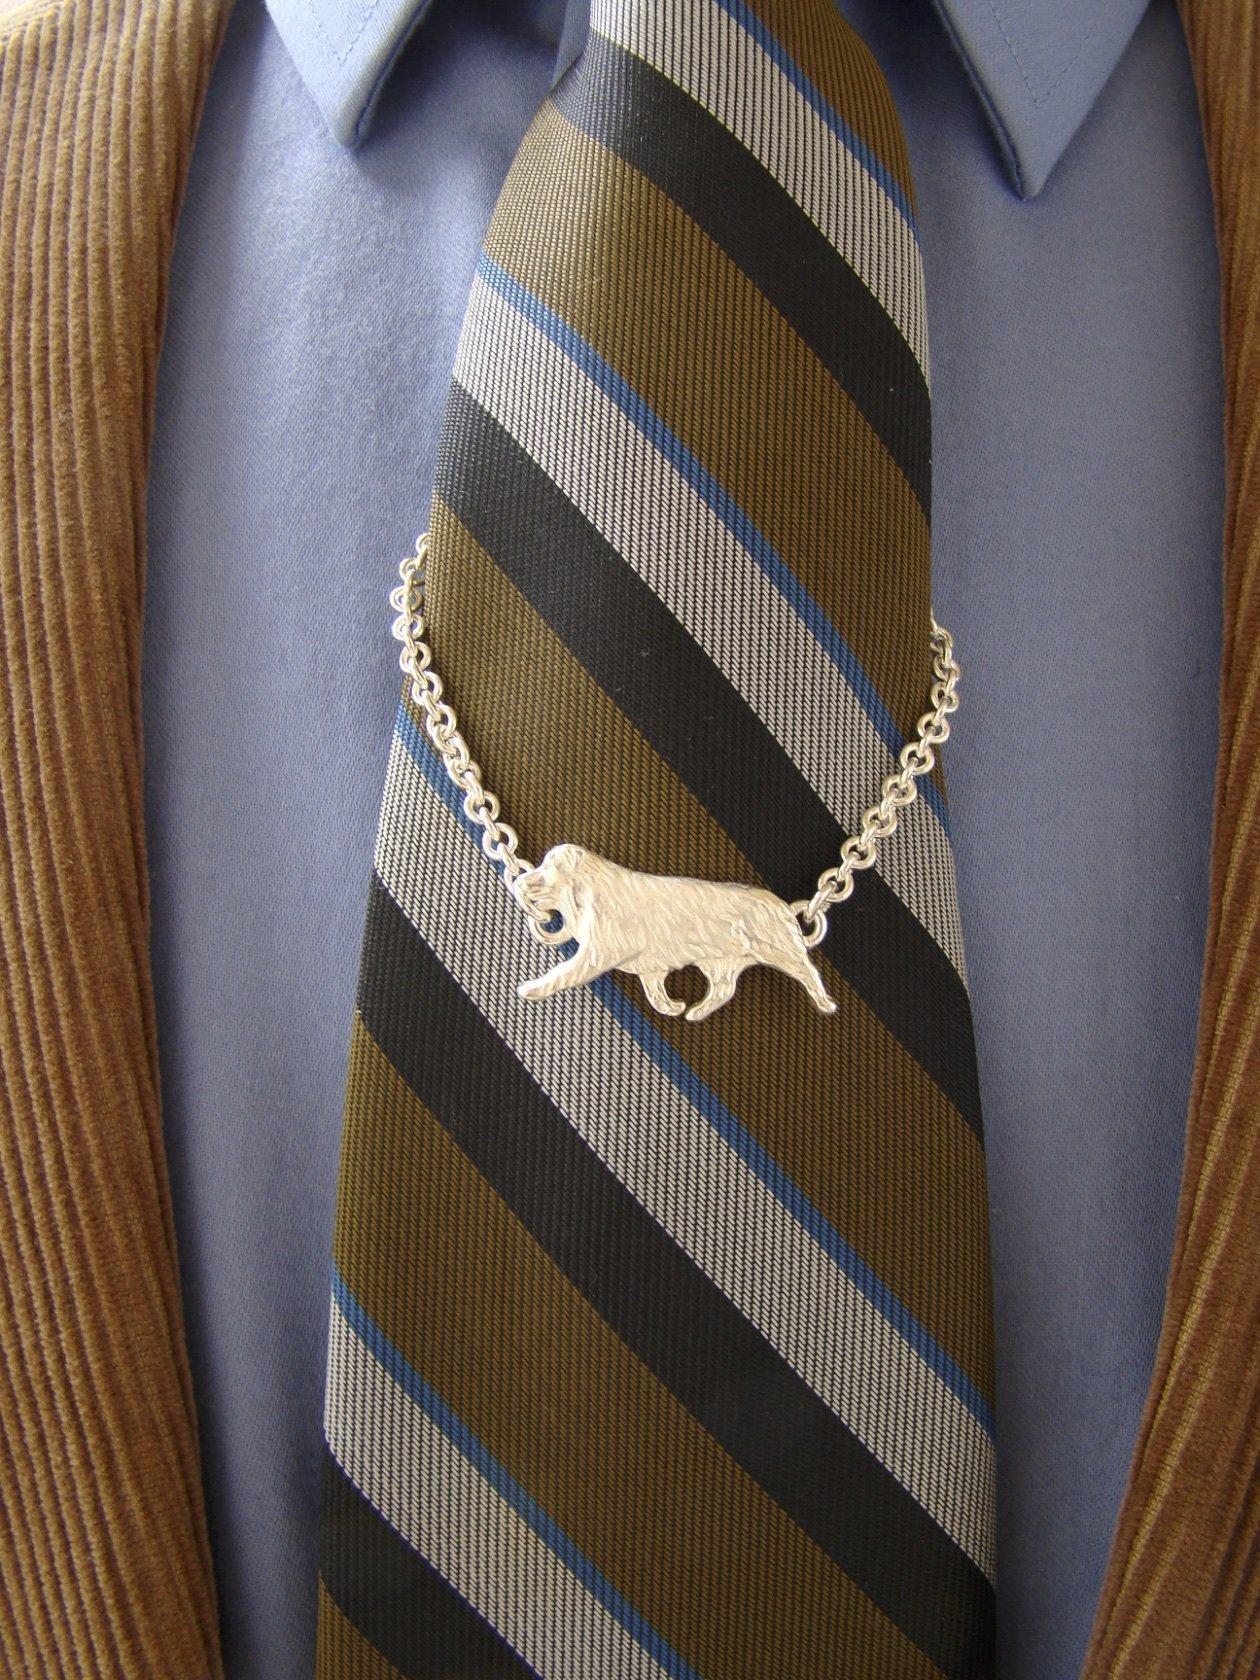 Sterling Silver Australian Shepherd Moving Study Tie Chain